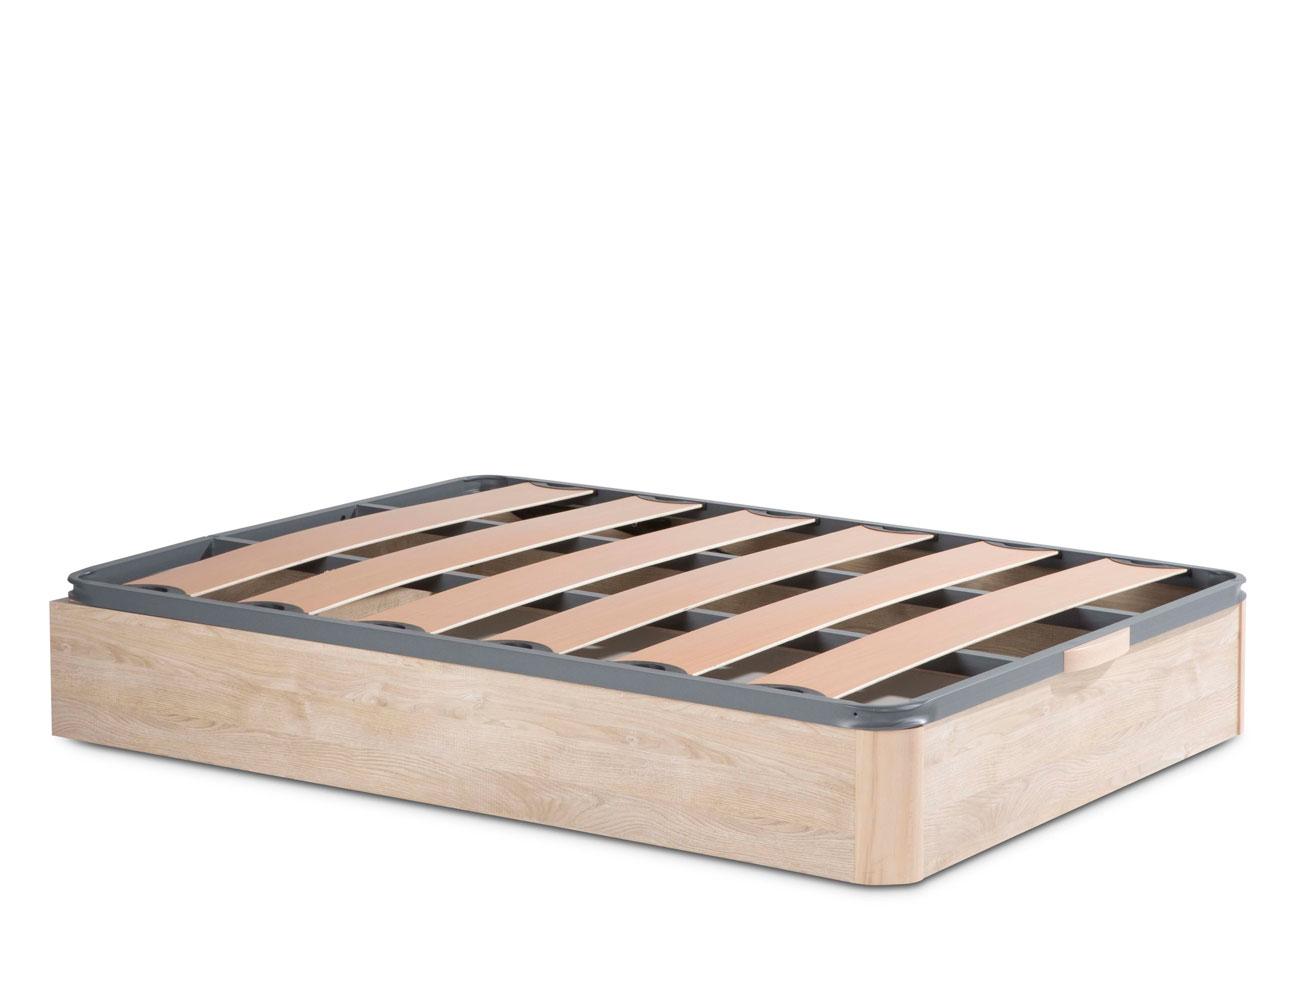 Canape madera somier laminas pvc 783